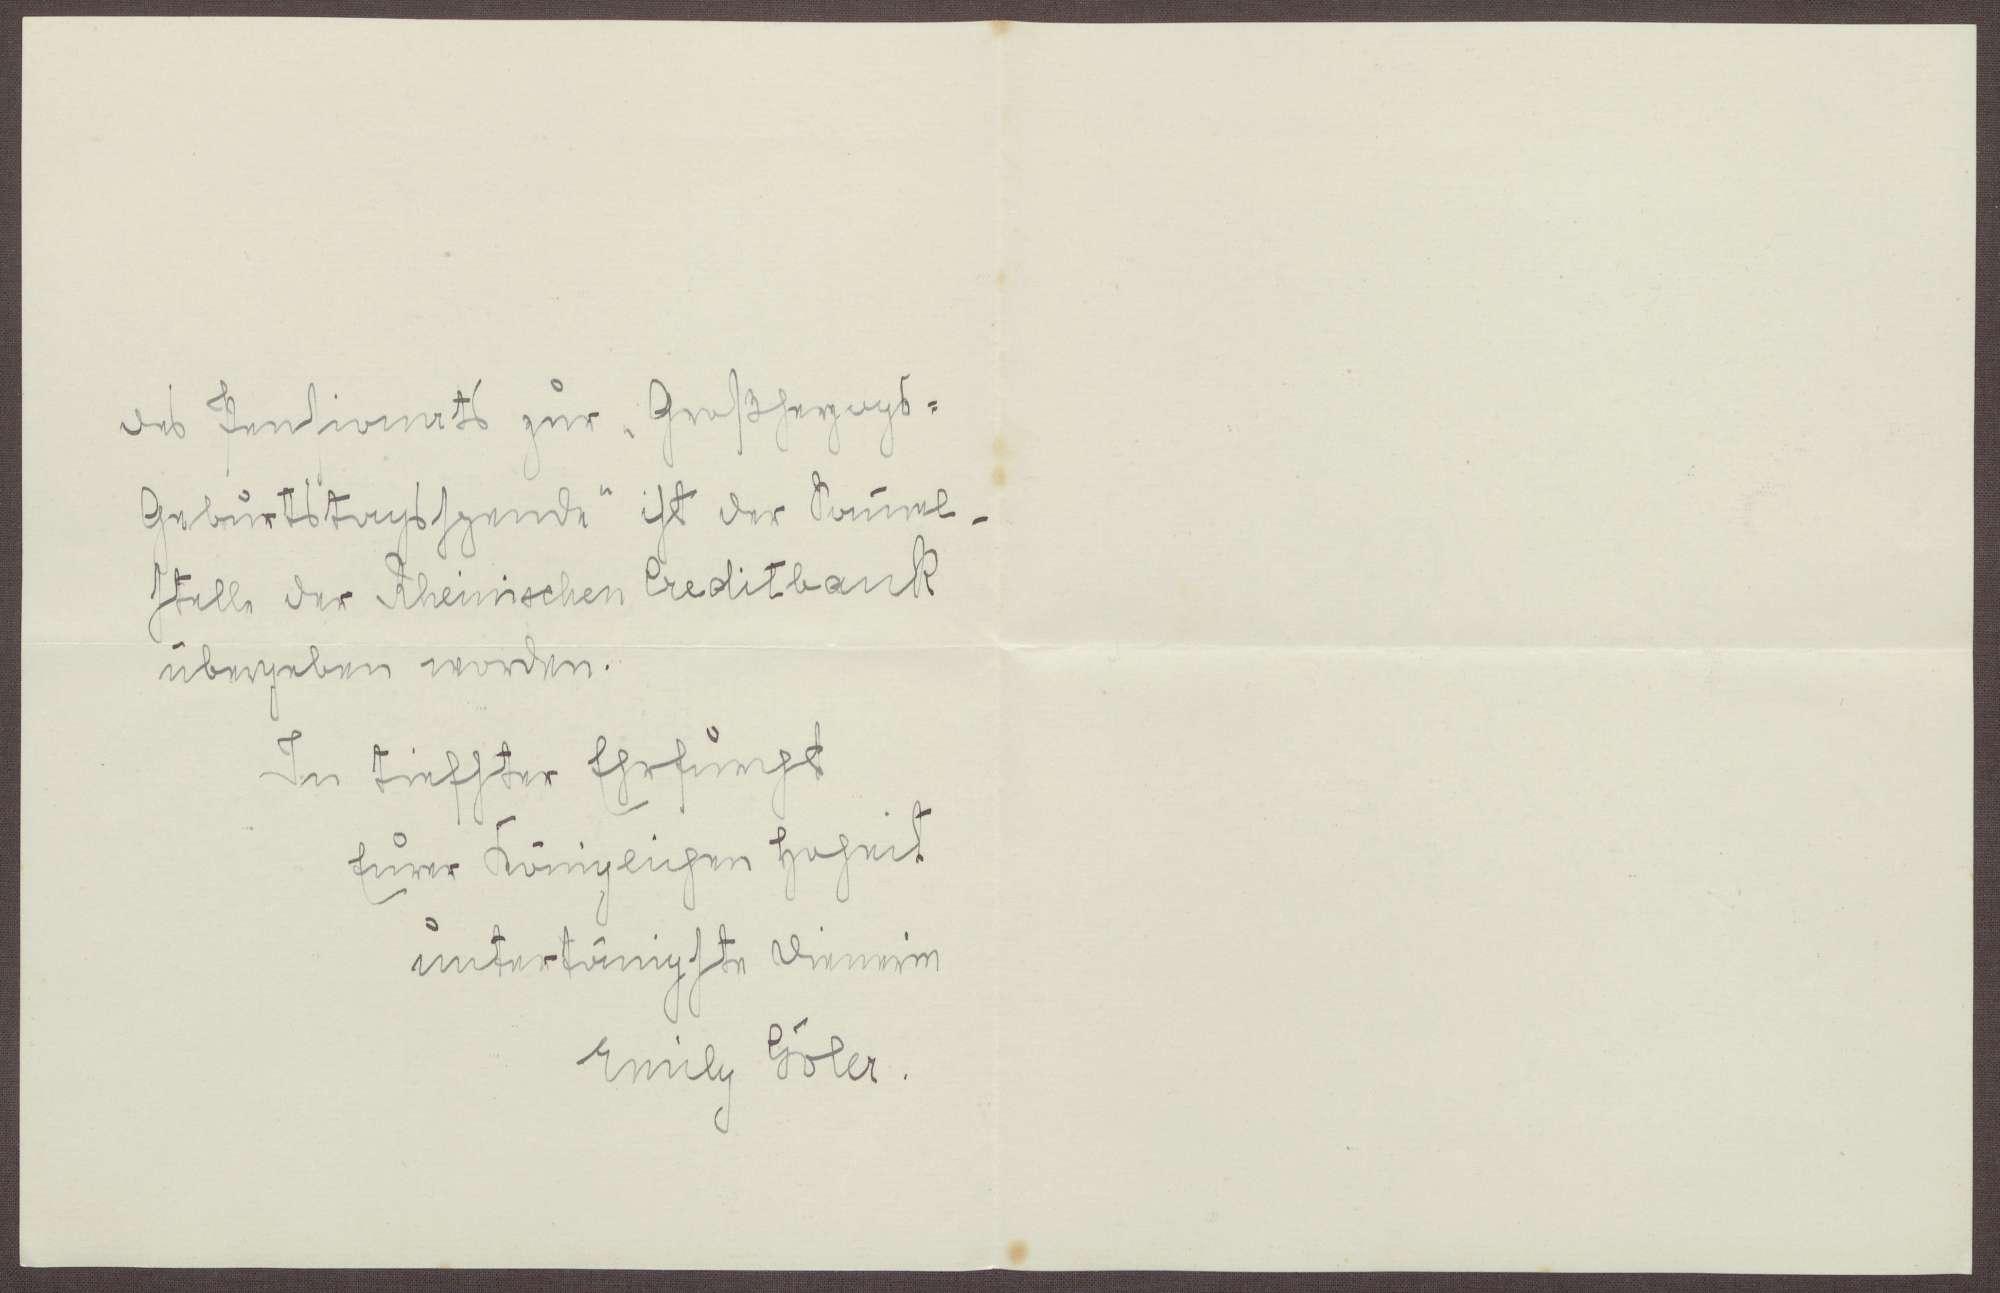 Schreiben von Emilie Göler an die Großherzogin Luise; Geburtstagswünsche für den Großherzog Friedrich II., Bild 2